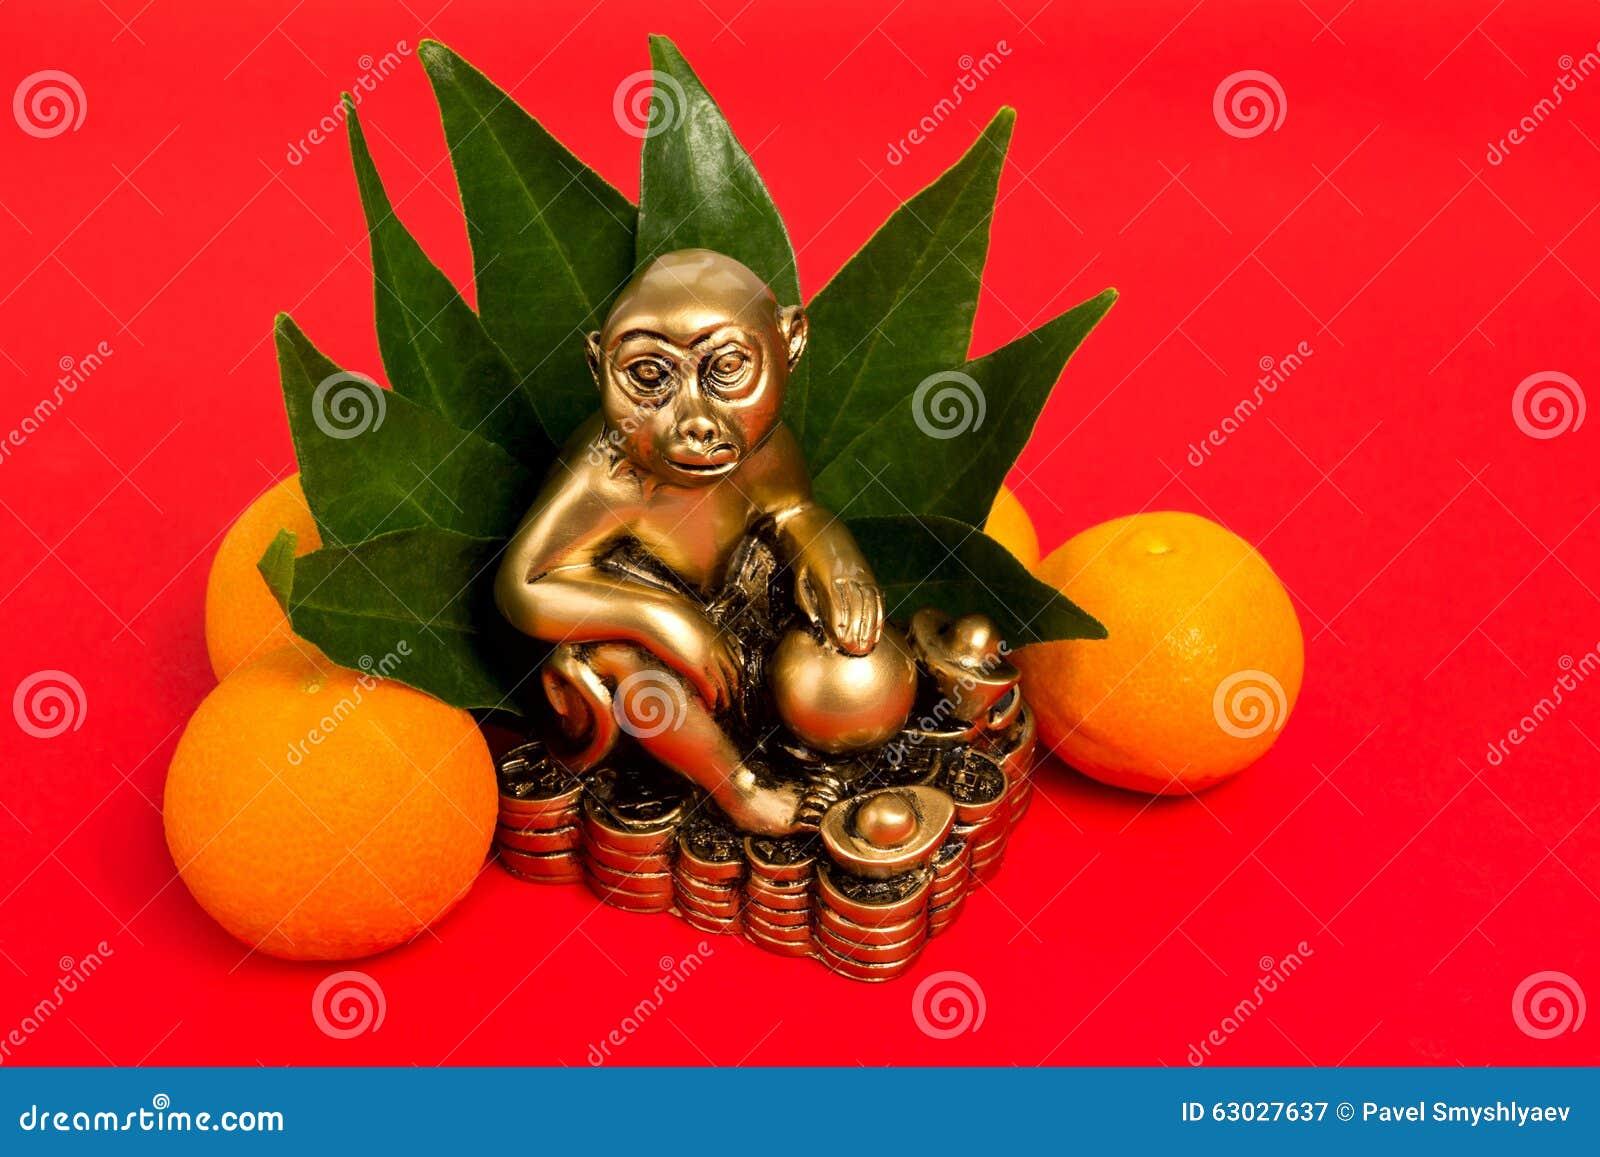 Monkey le symbole de la nouvelle année chinoise 2016, et les mandarines